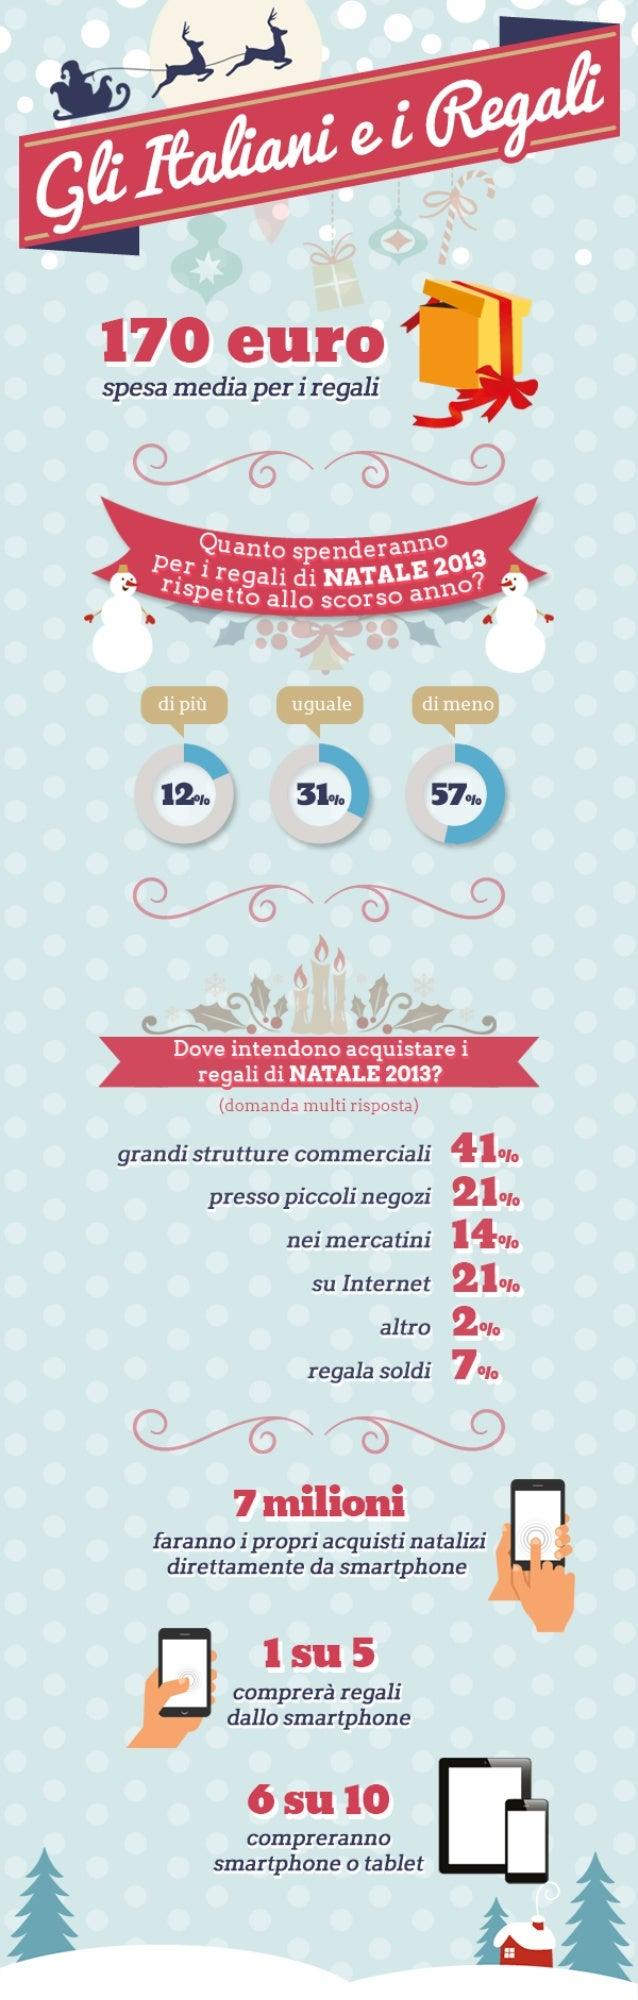 Infografica - Gli italiani e i regali